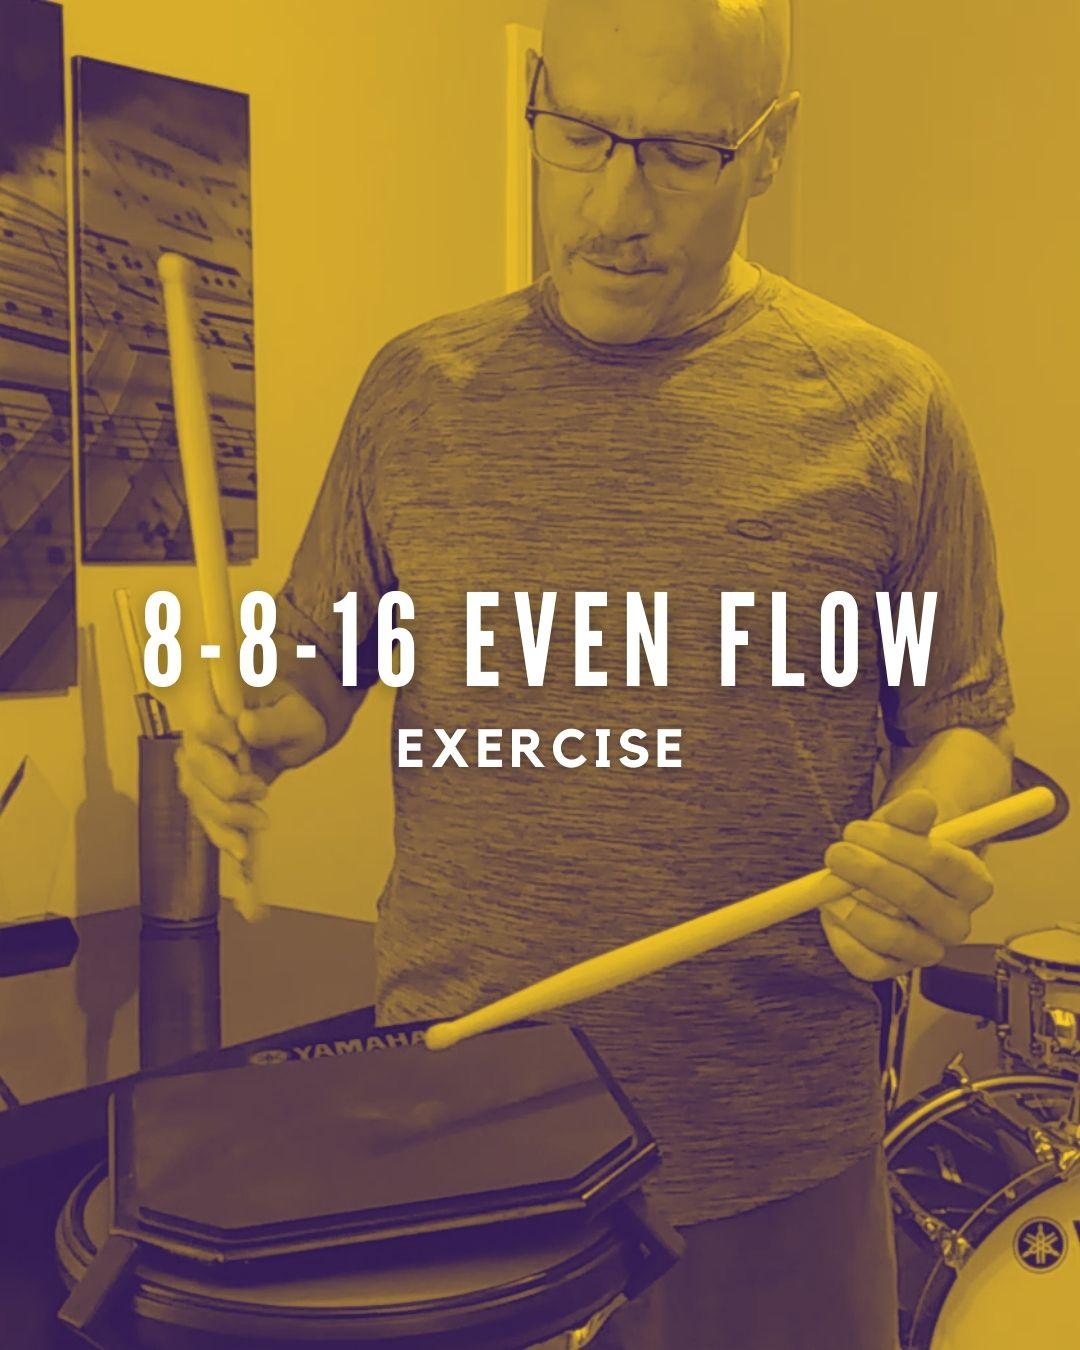 8-8-16 Even Flow